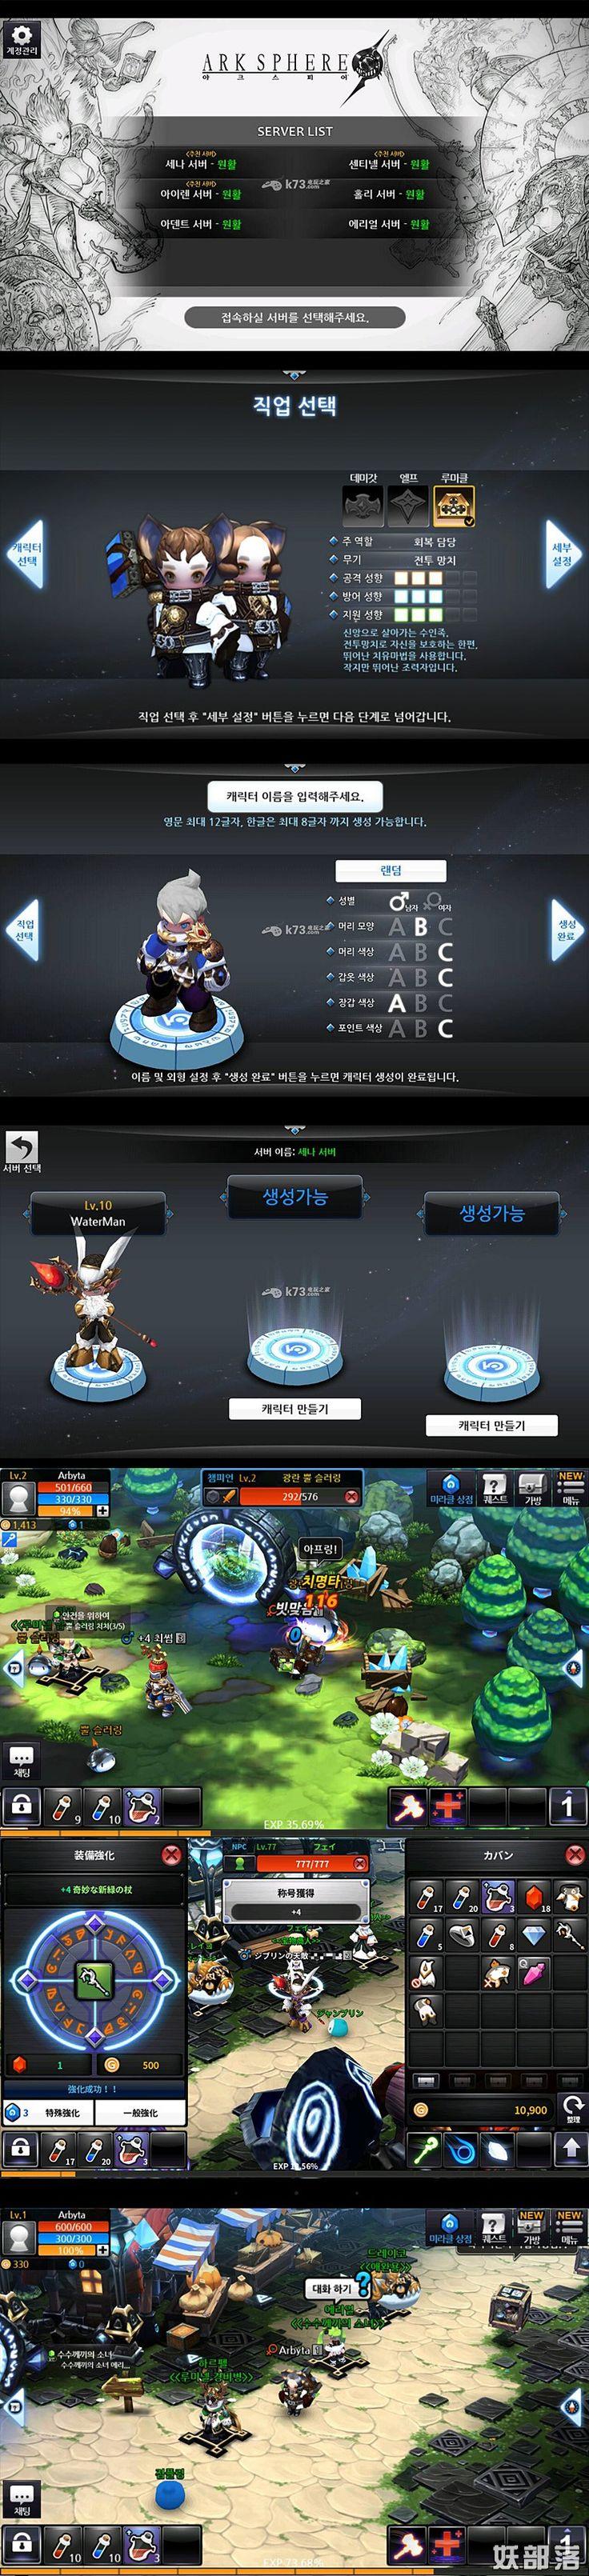 亚克战记ark sphere - 妖游录...@白幽游采集到GAME-UI(1670图)_花瓣游戏